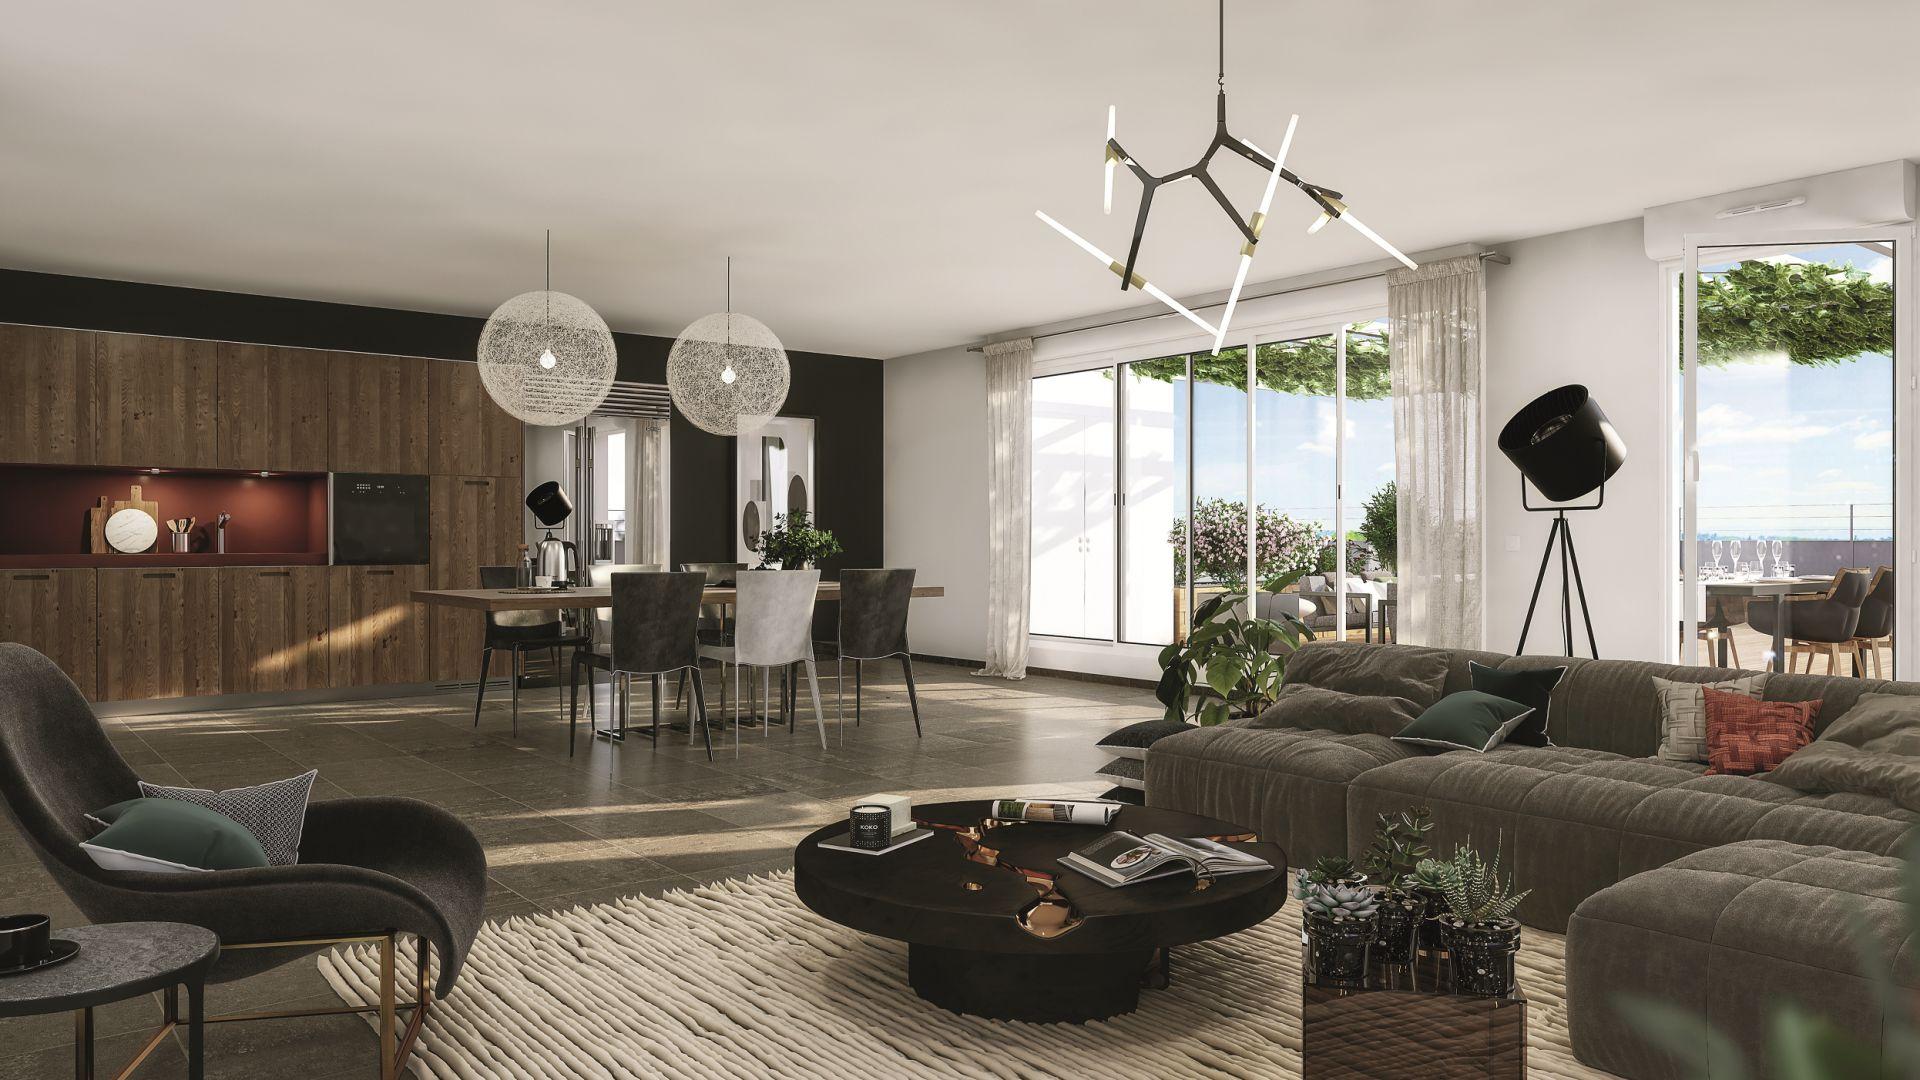 Greencity Immobilier - Domaine Marignac - Achat appartements à Montrabé 31850 - vue intérieure